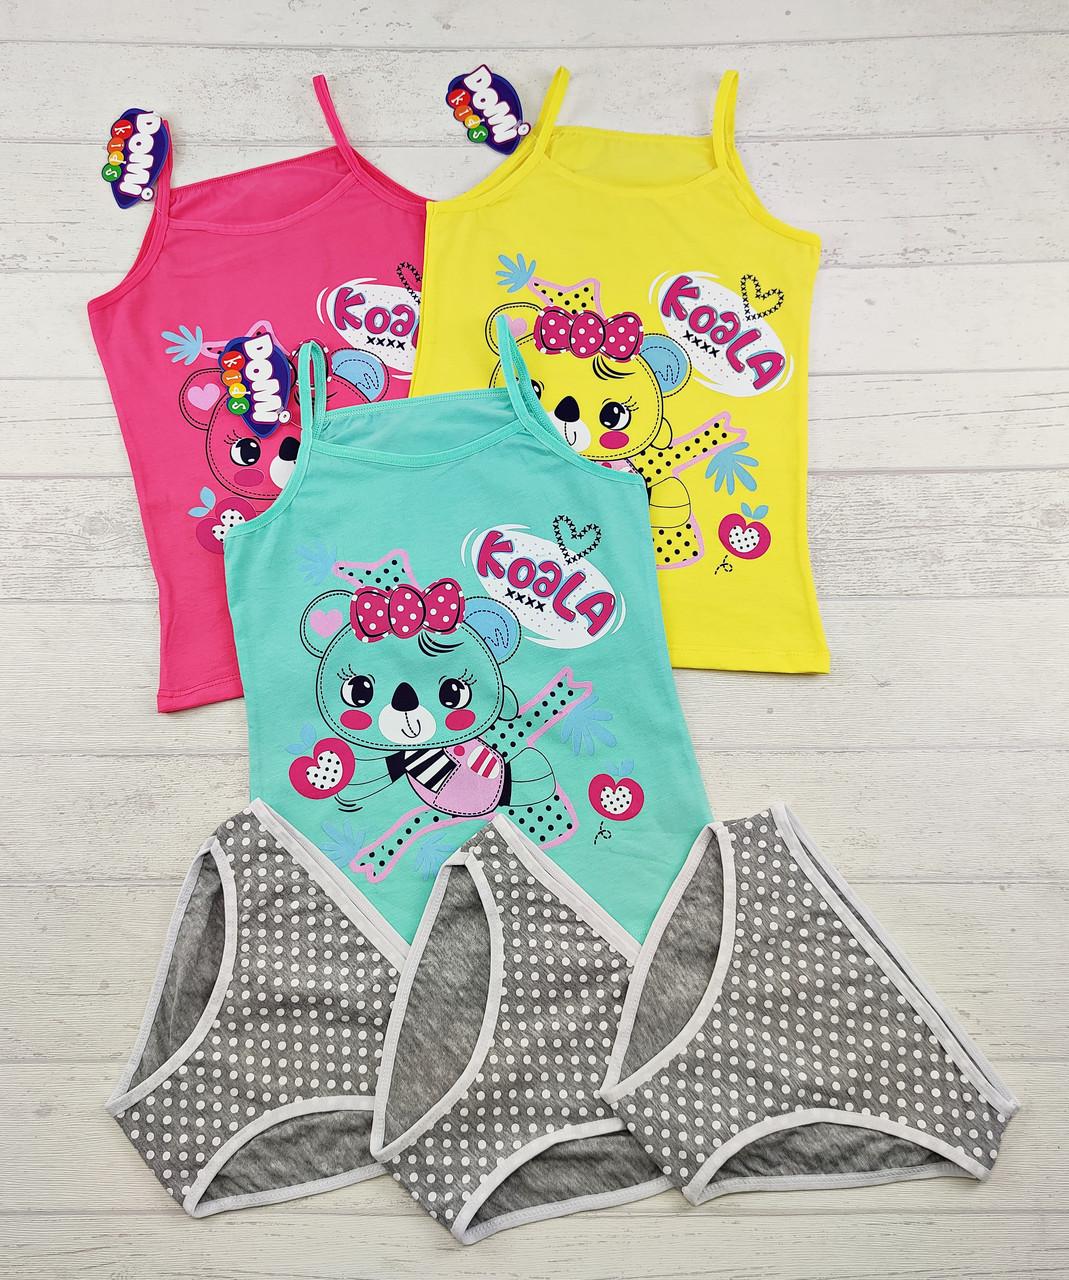 Комплект детского нижнего белья майка и трусики для девочек 10-11 лет